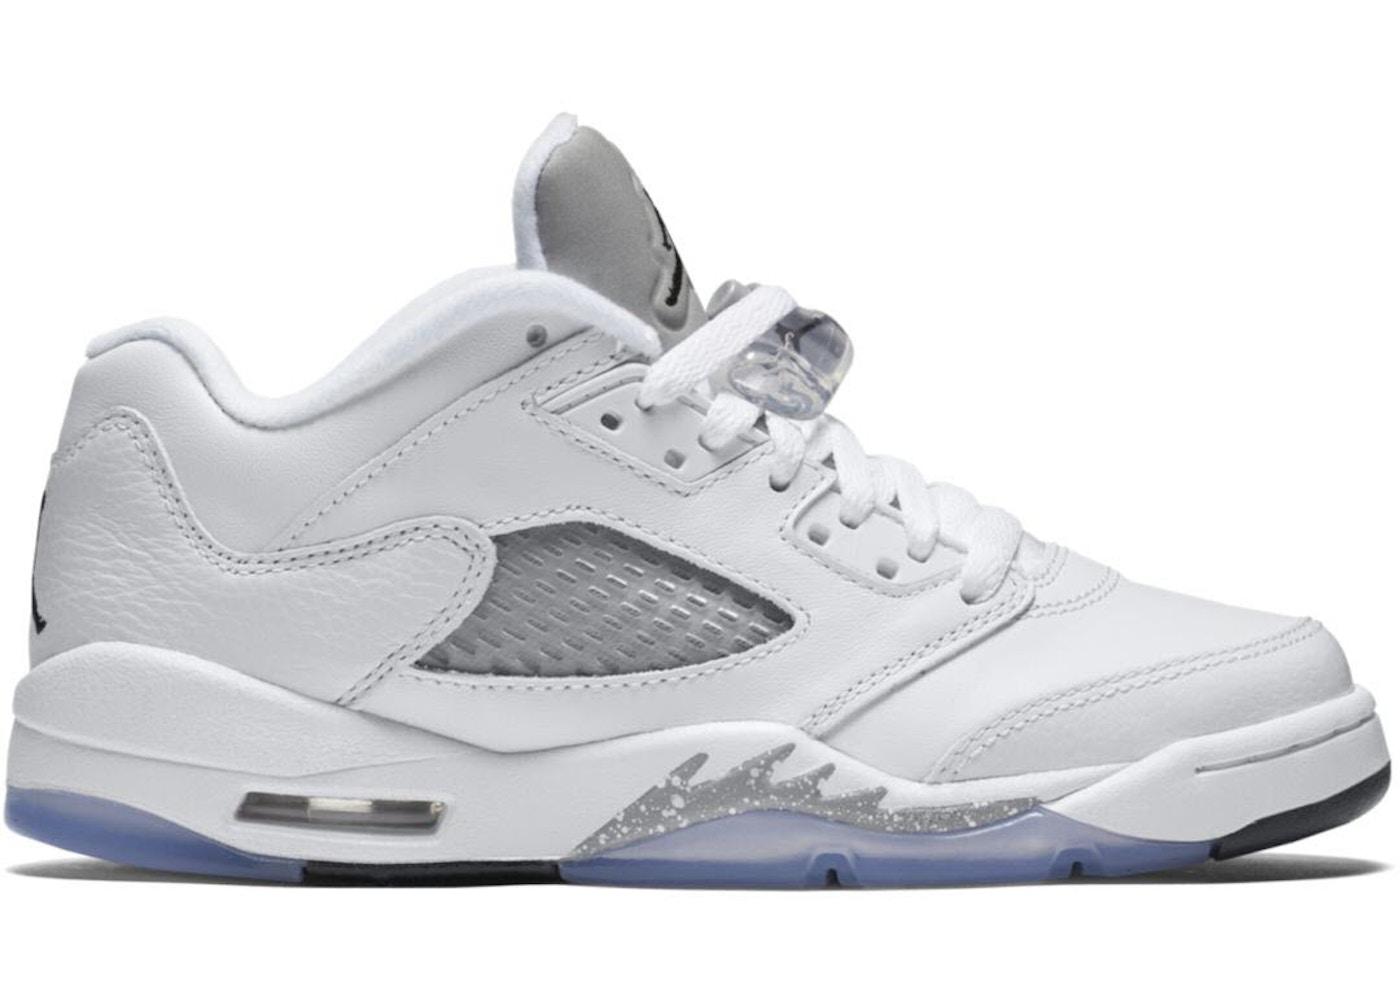 quality design 2d850 ff9e6 Jordan 5 Retro Low Wolf Grey (GS)